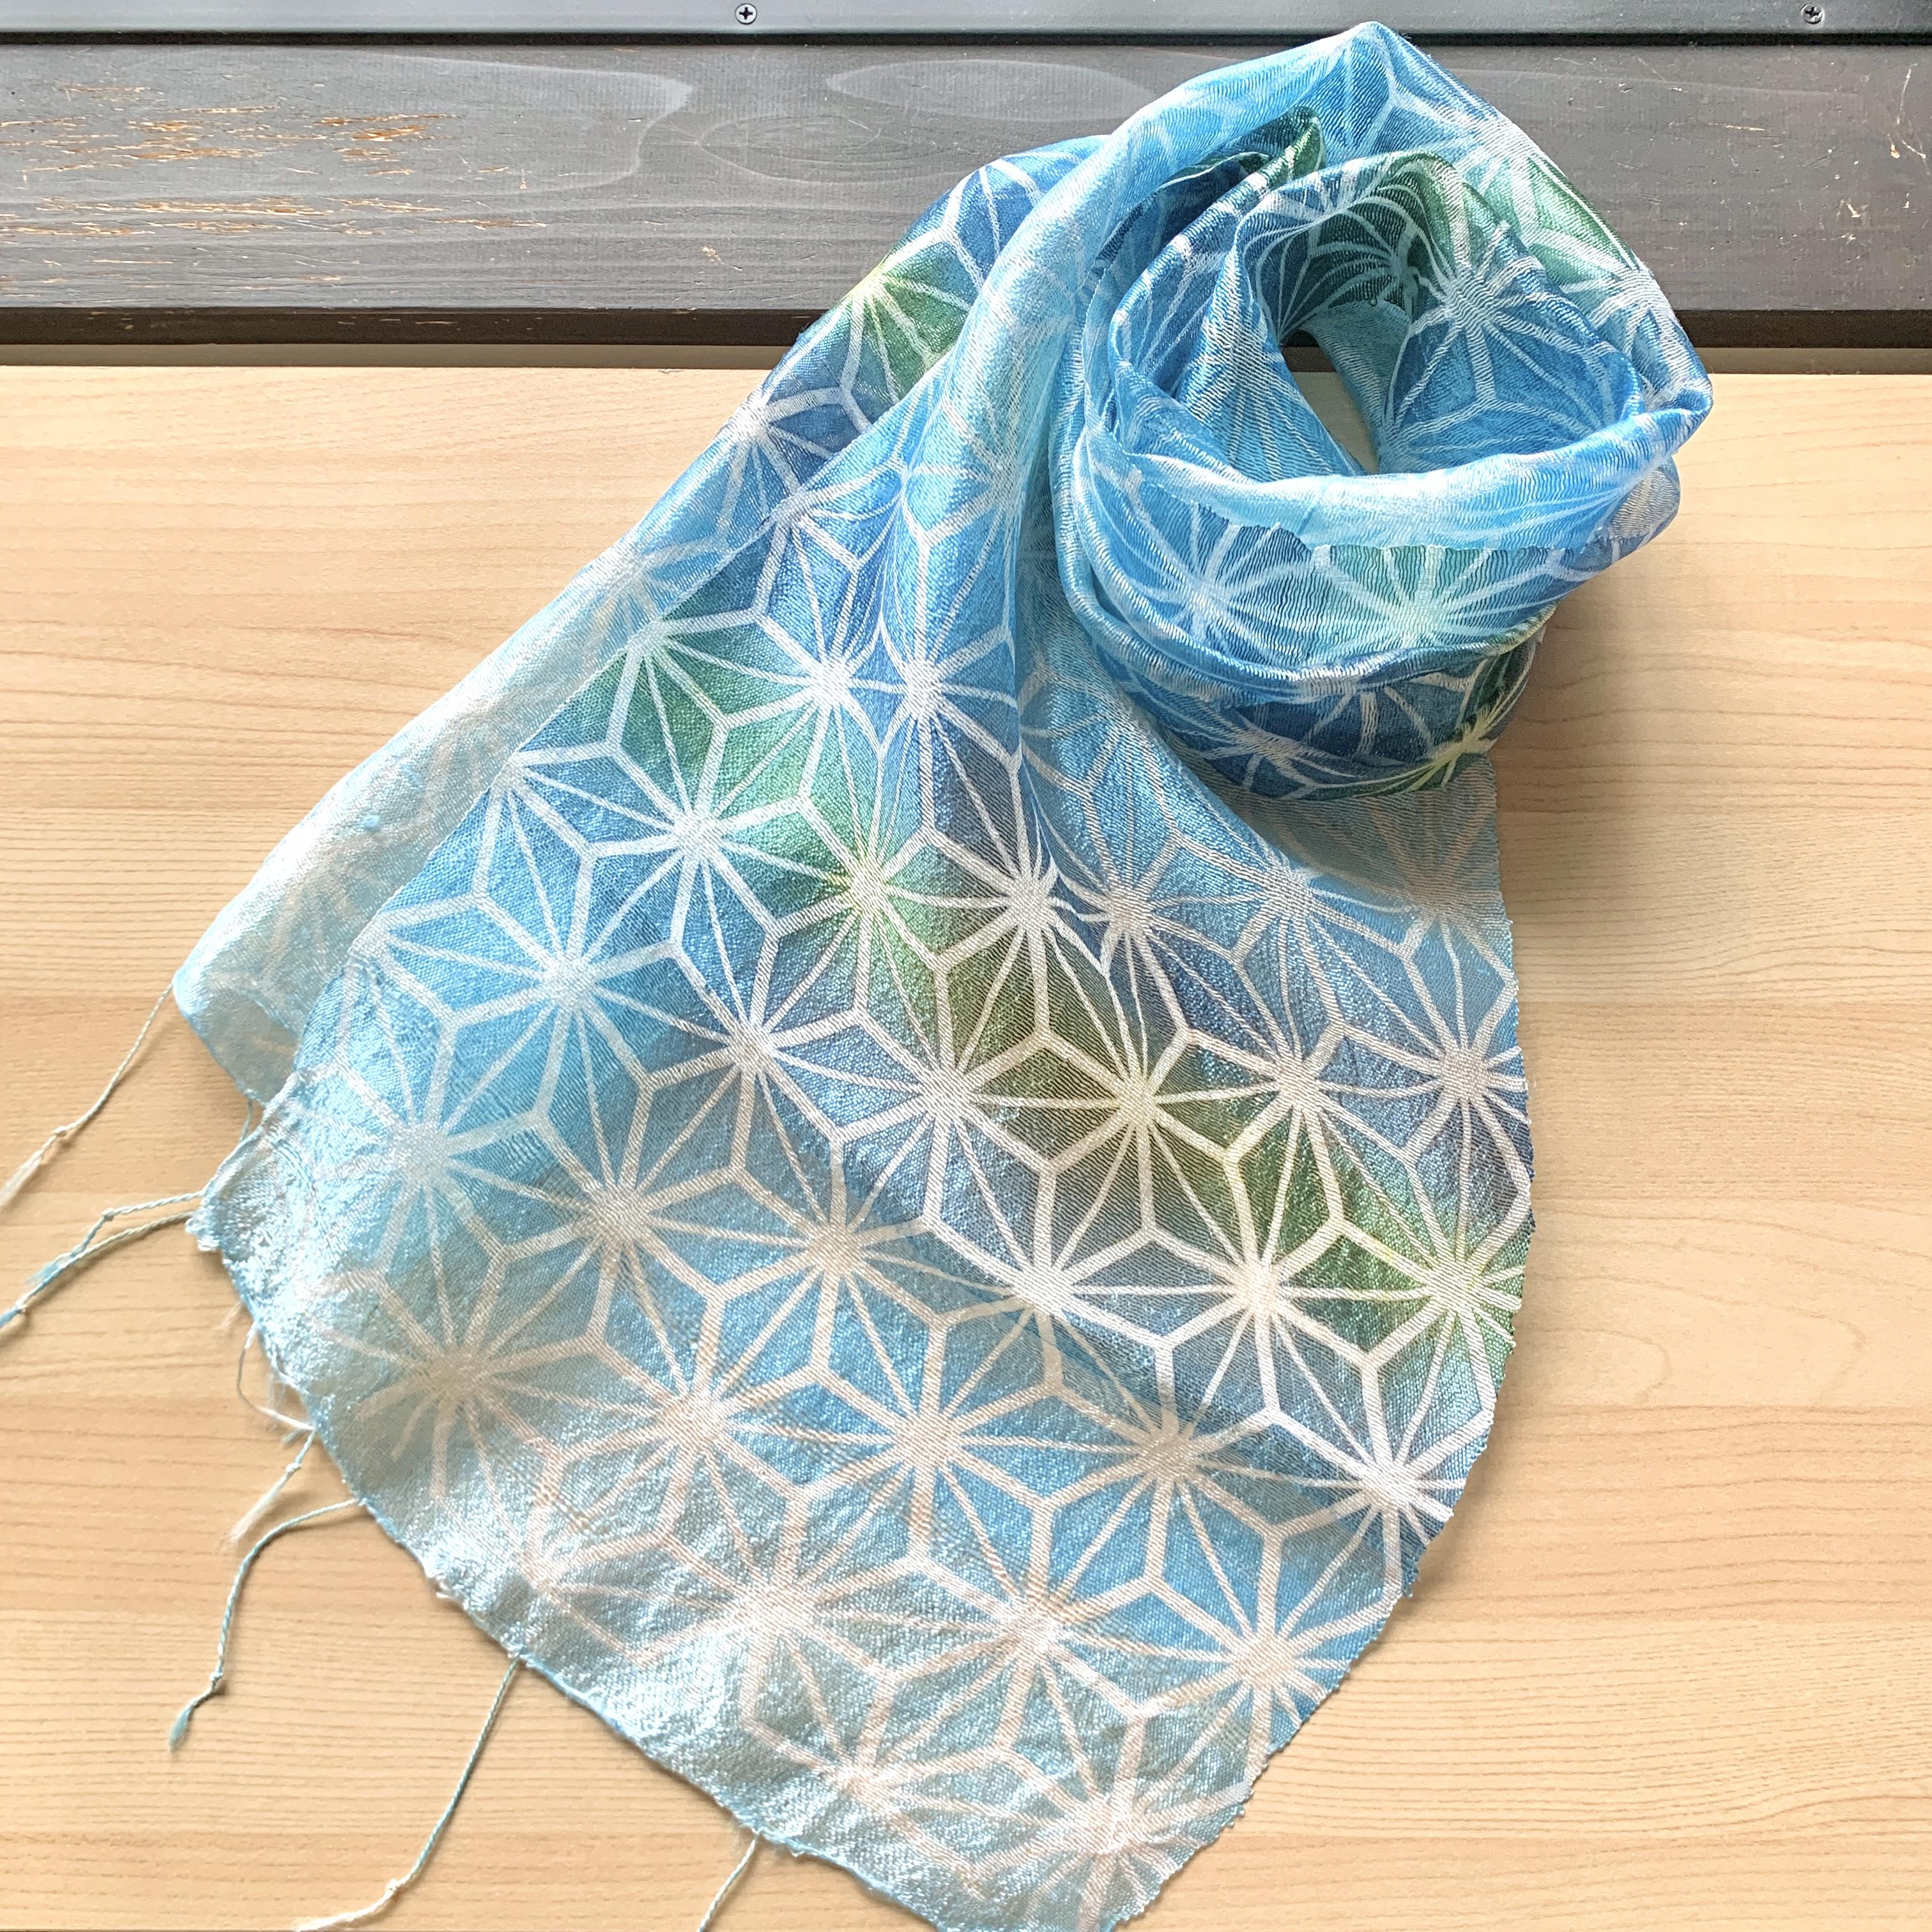 【ひなみのオリジナルデザイン】涼やかな麻の葉文様の型染めスカーフ